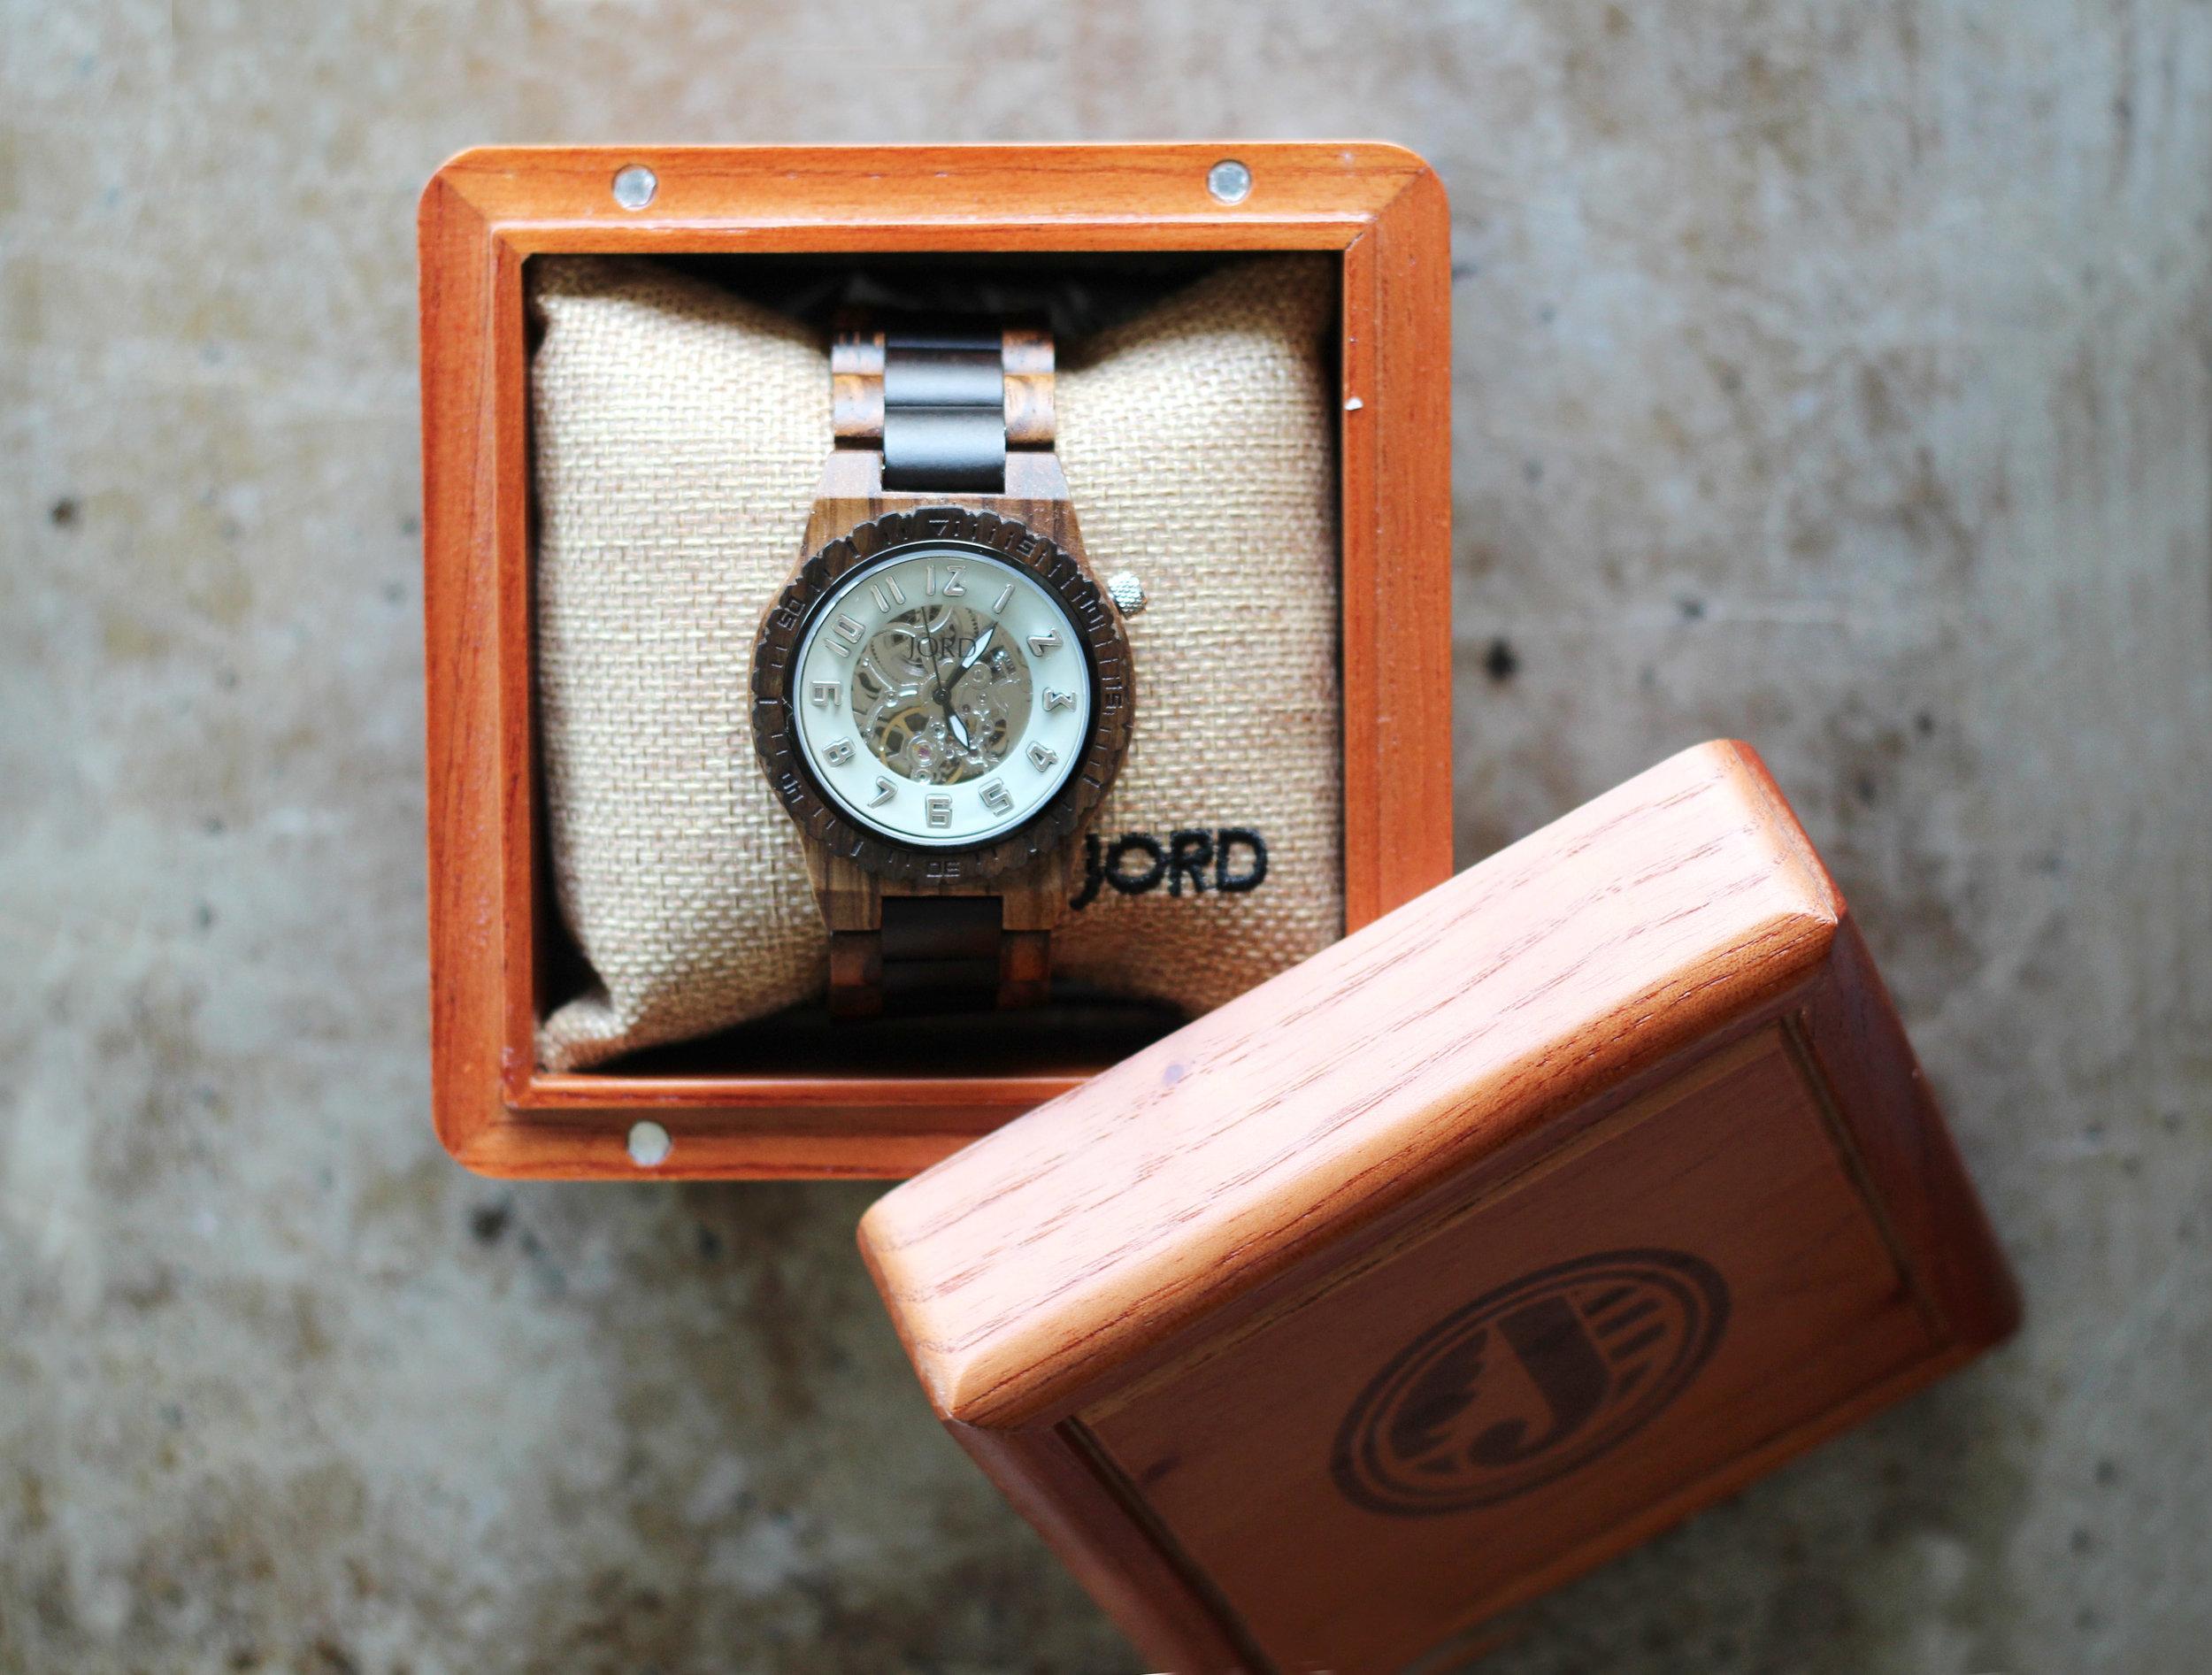 Jord Watch, Wooden Mens Watch | Kendra Castillo